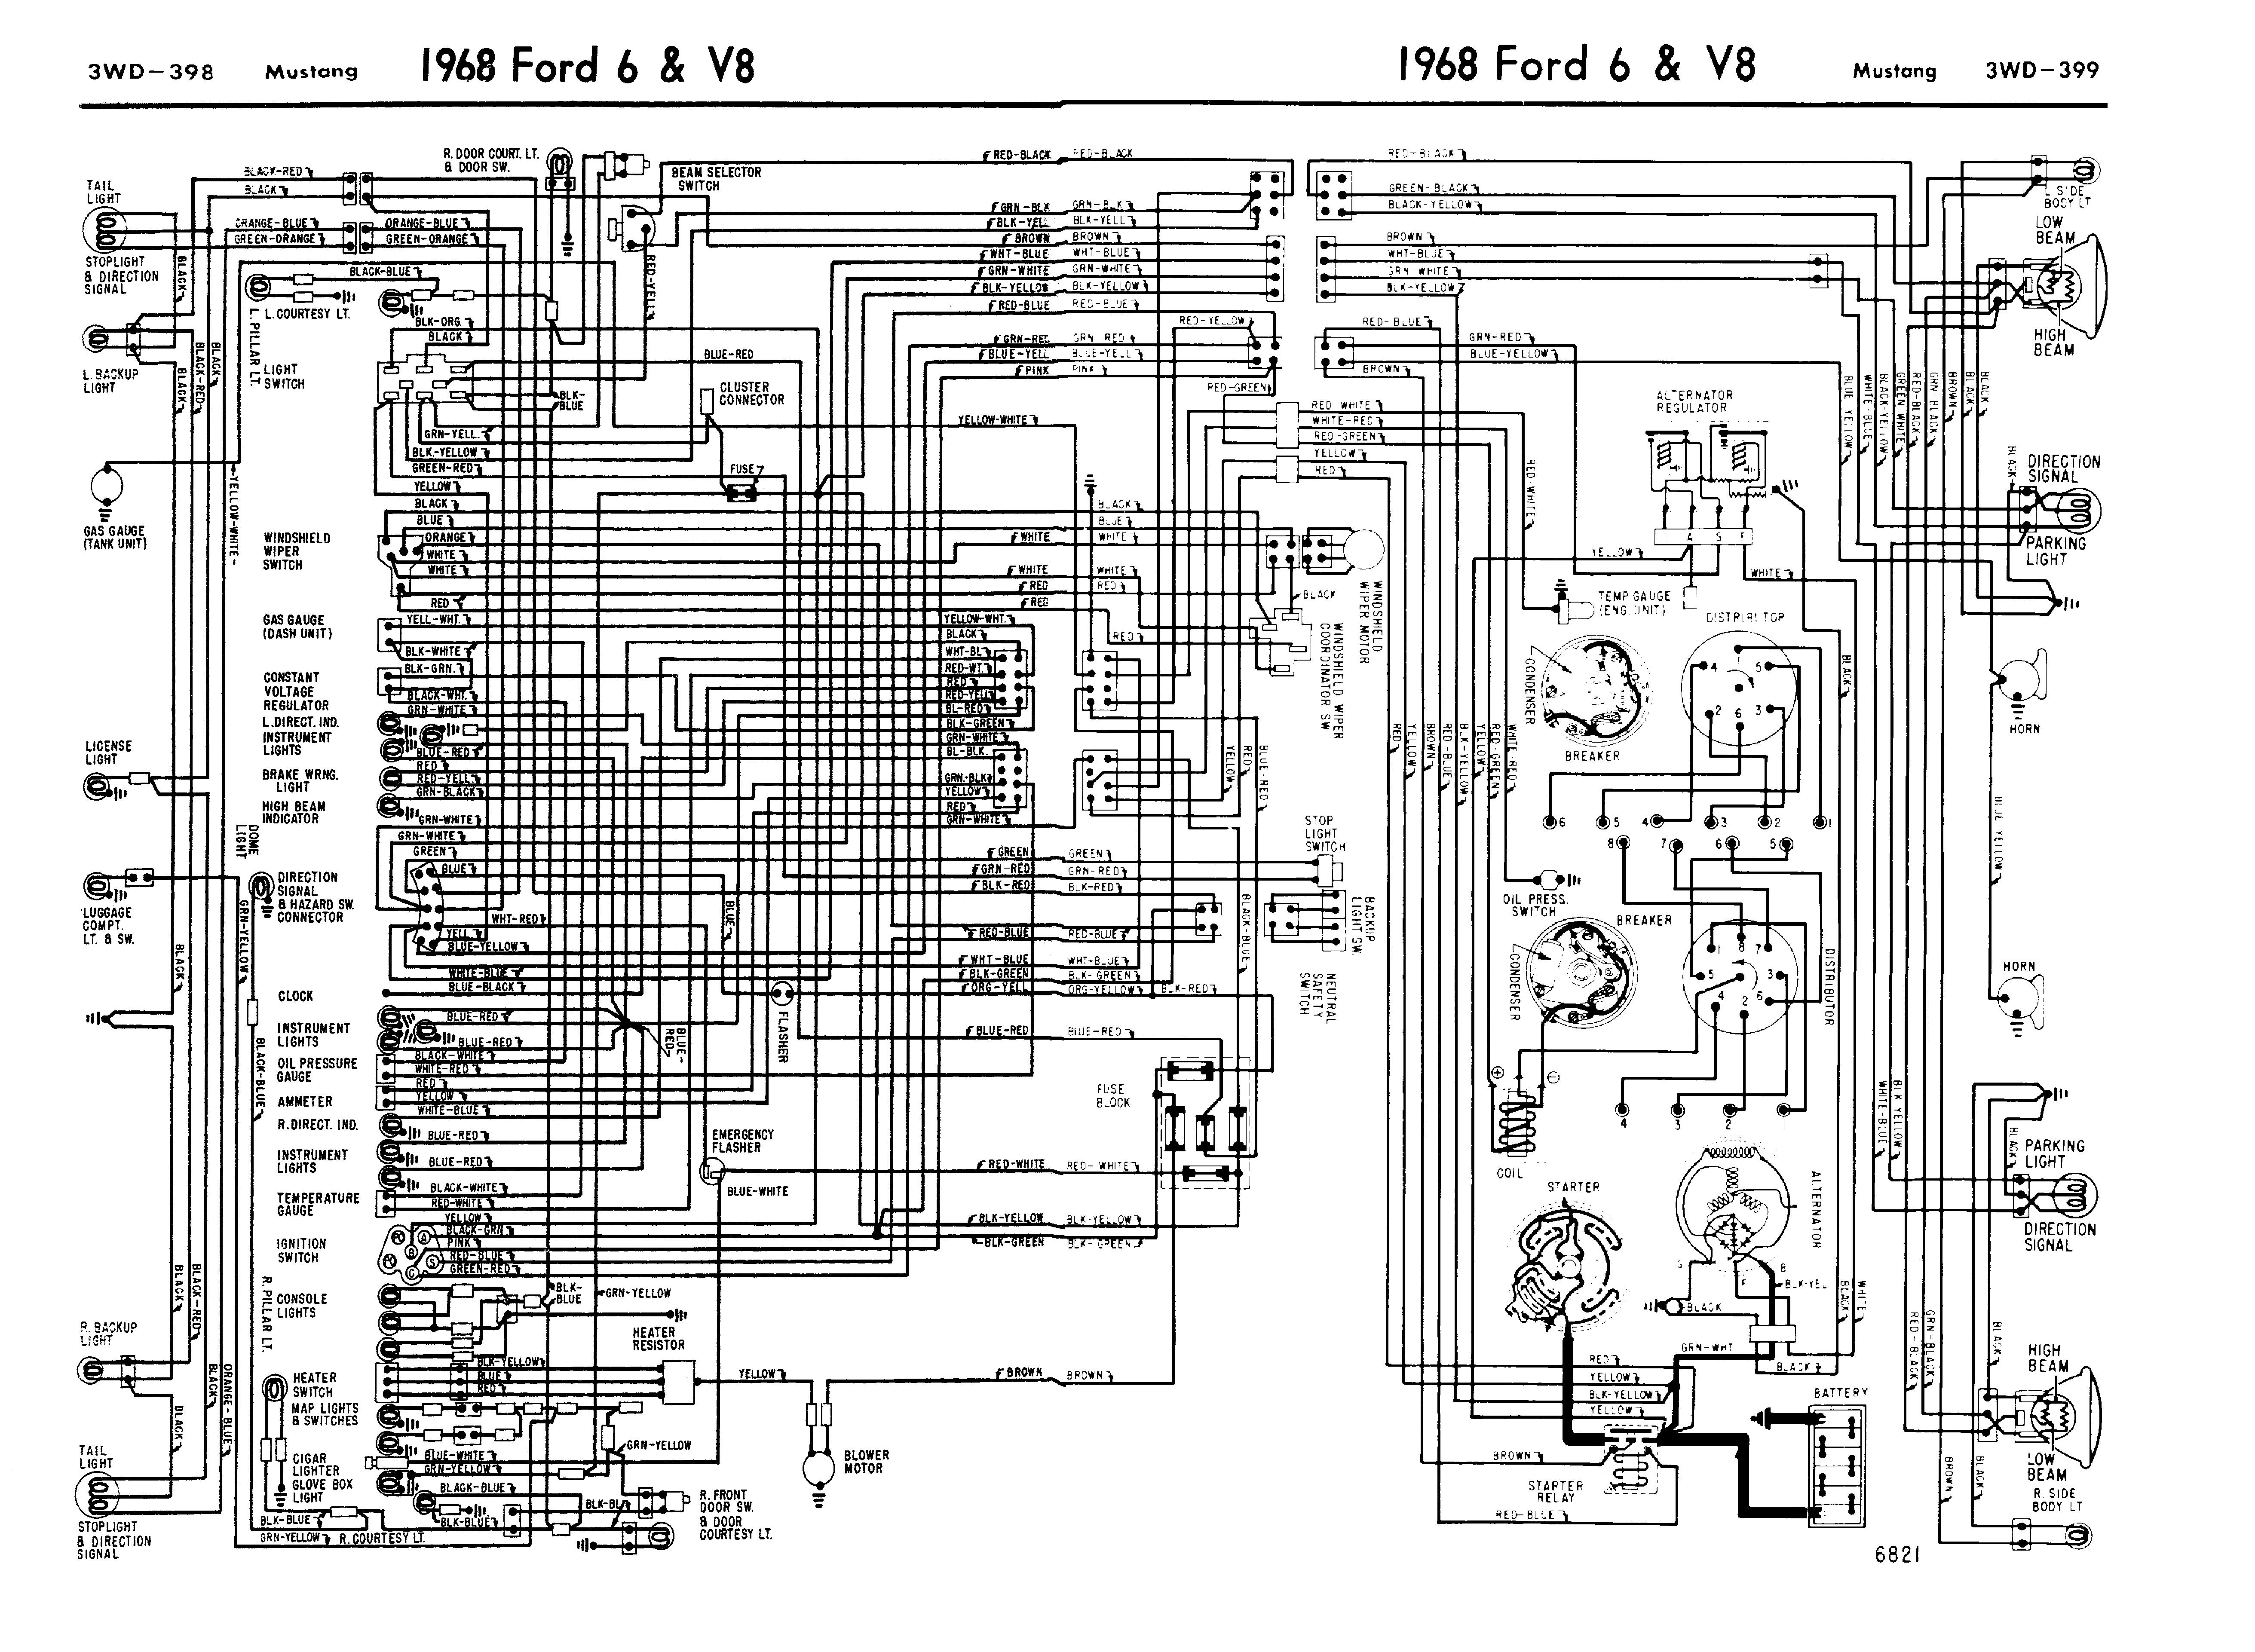 1968 Mustang Wiring Diagrams | Evolving SoftwareEvolving Software